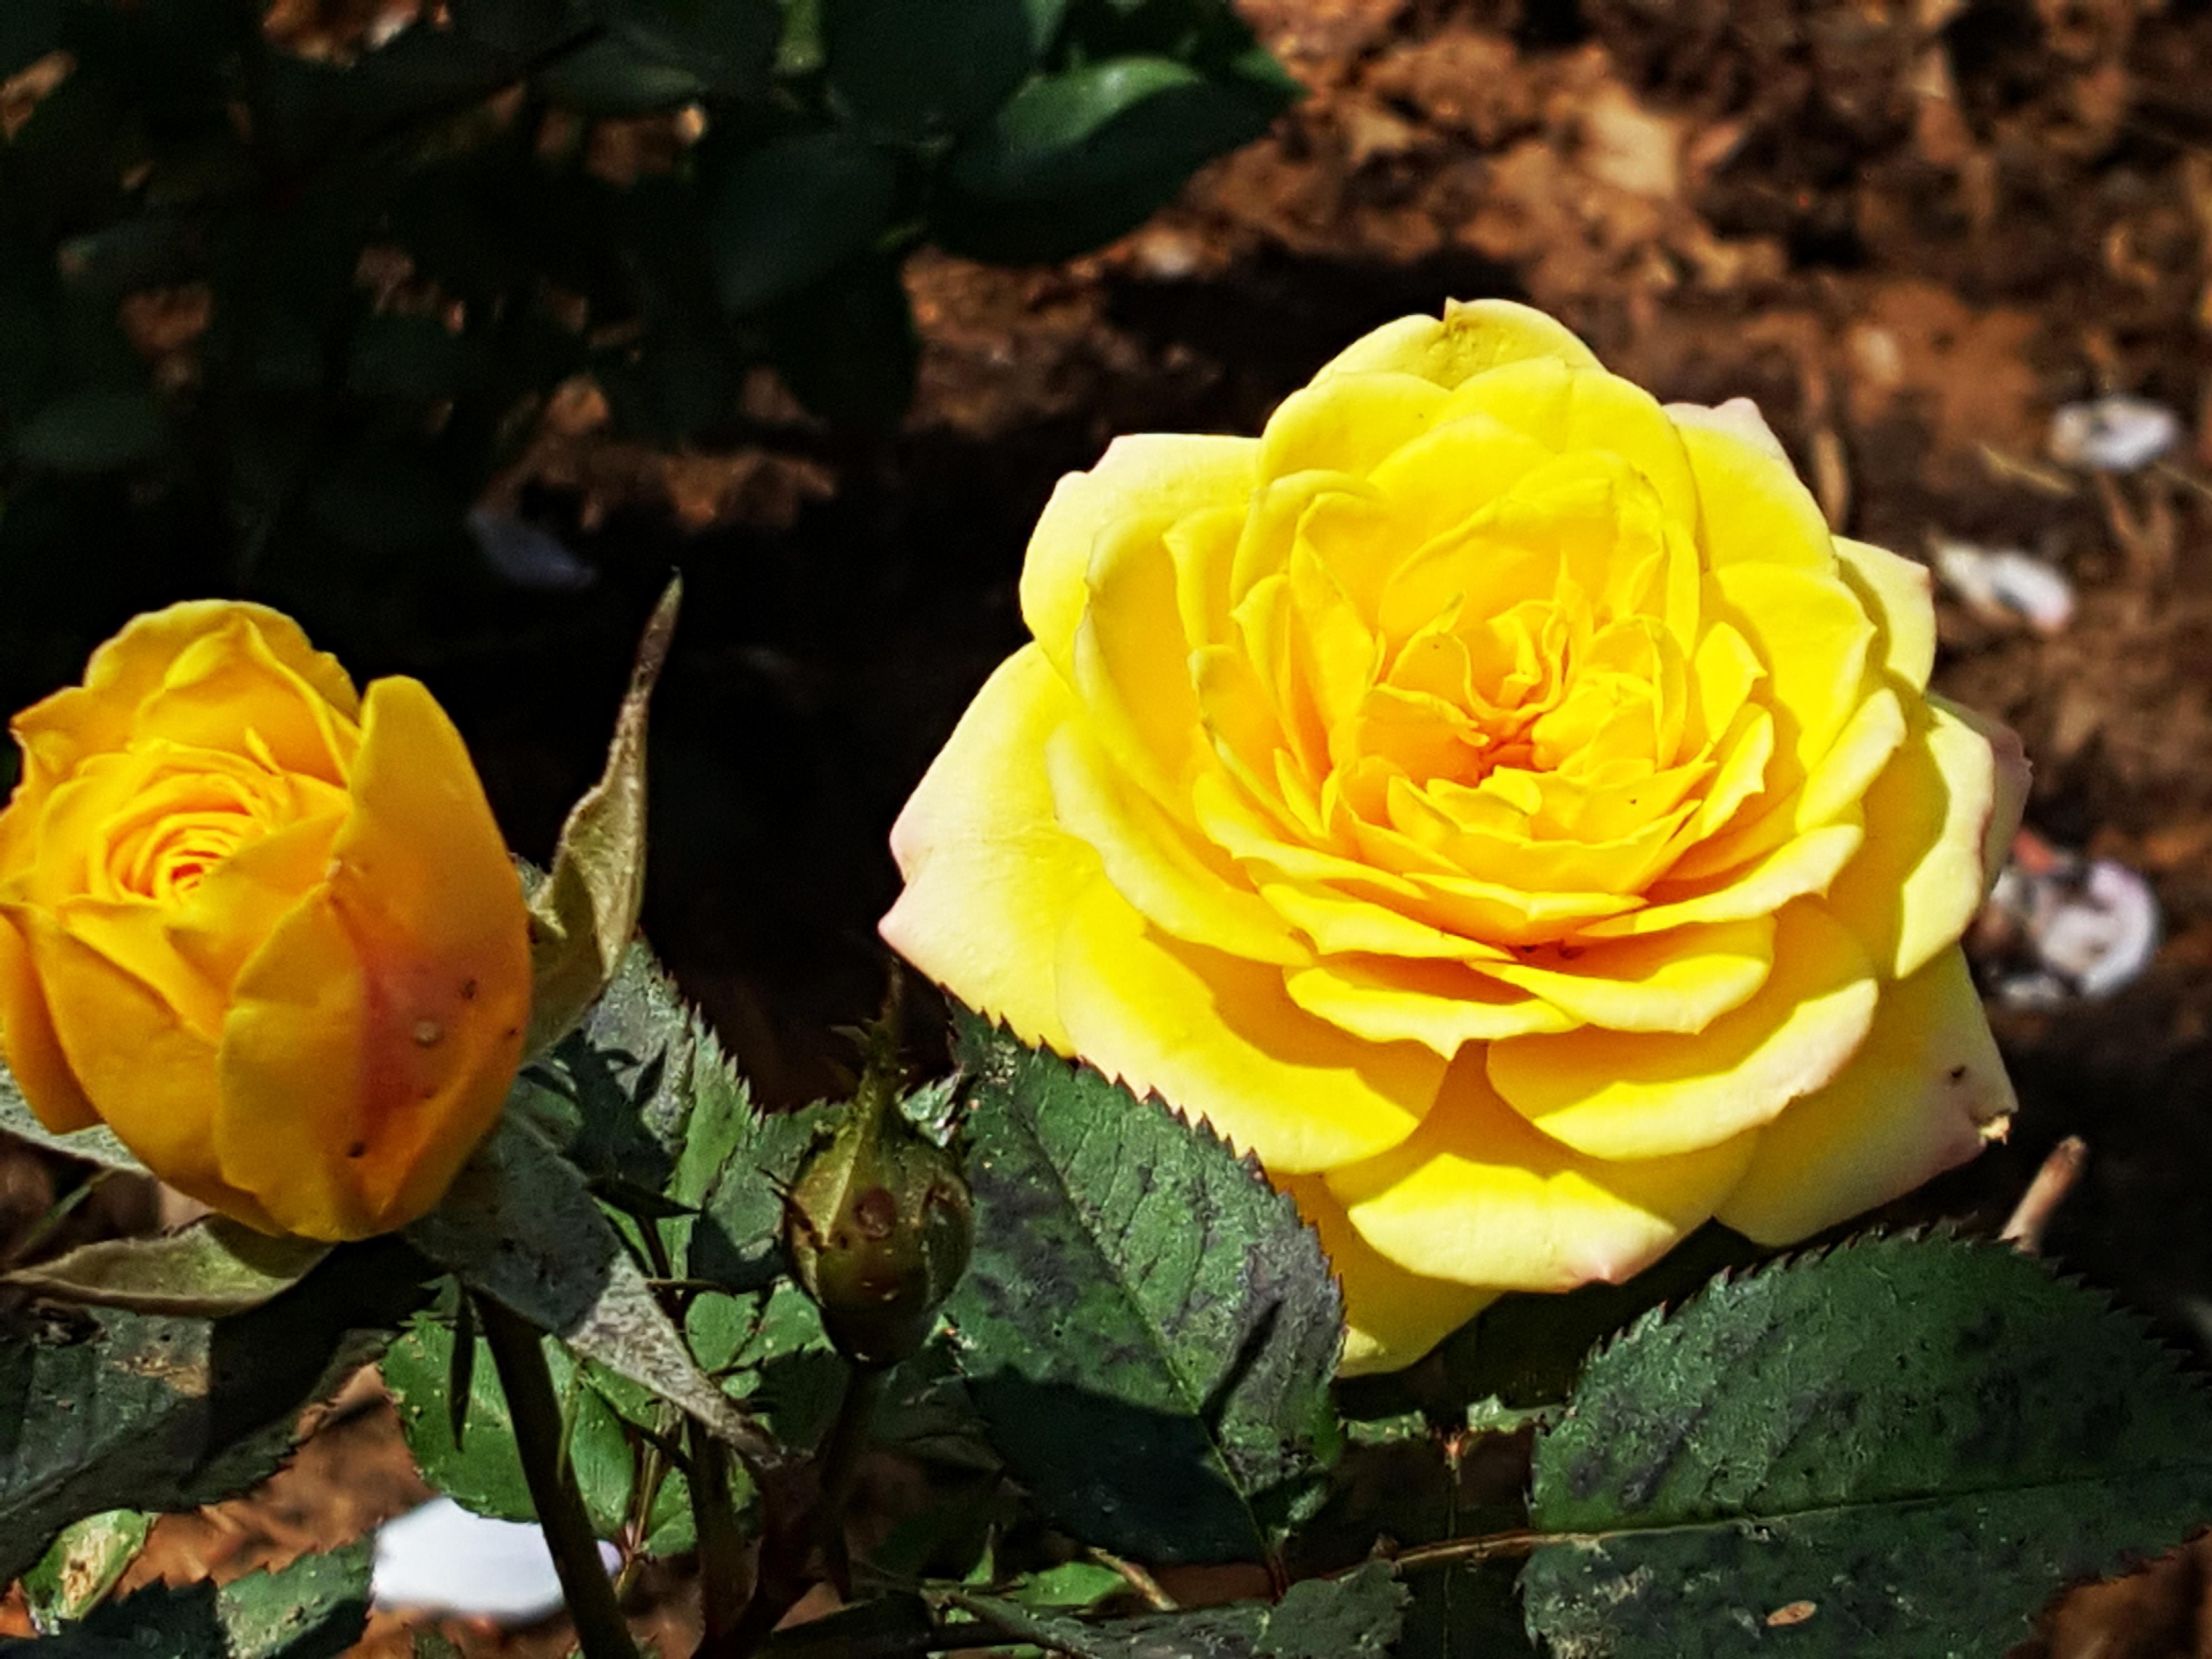 얼마전 길을 지나다 살짝 셧터를 누르고 보니 꽃 봉우리가 예뻐 올려봅니다.